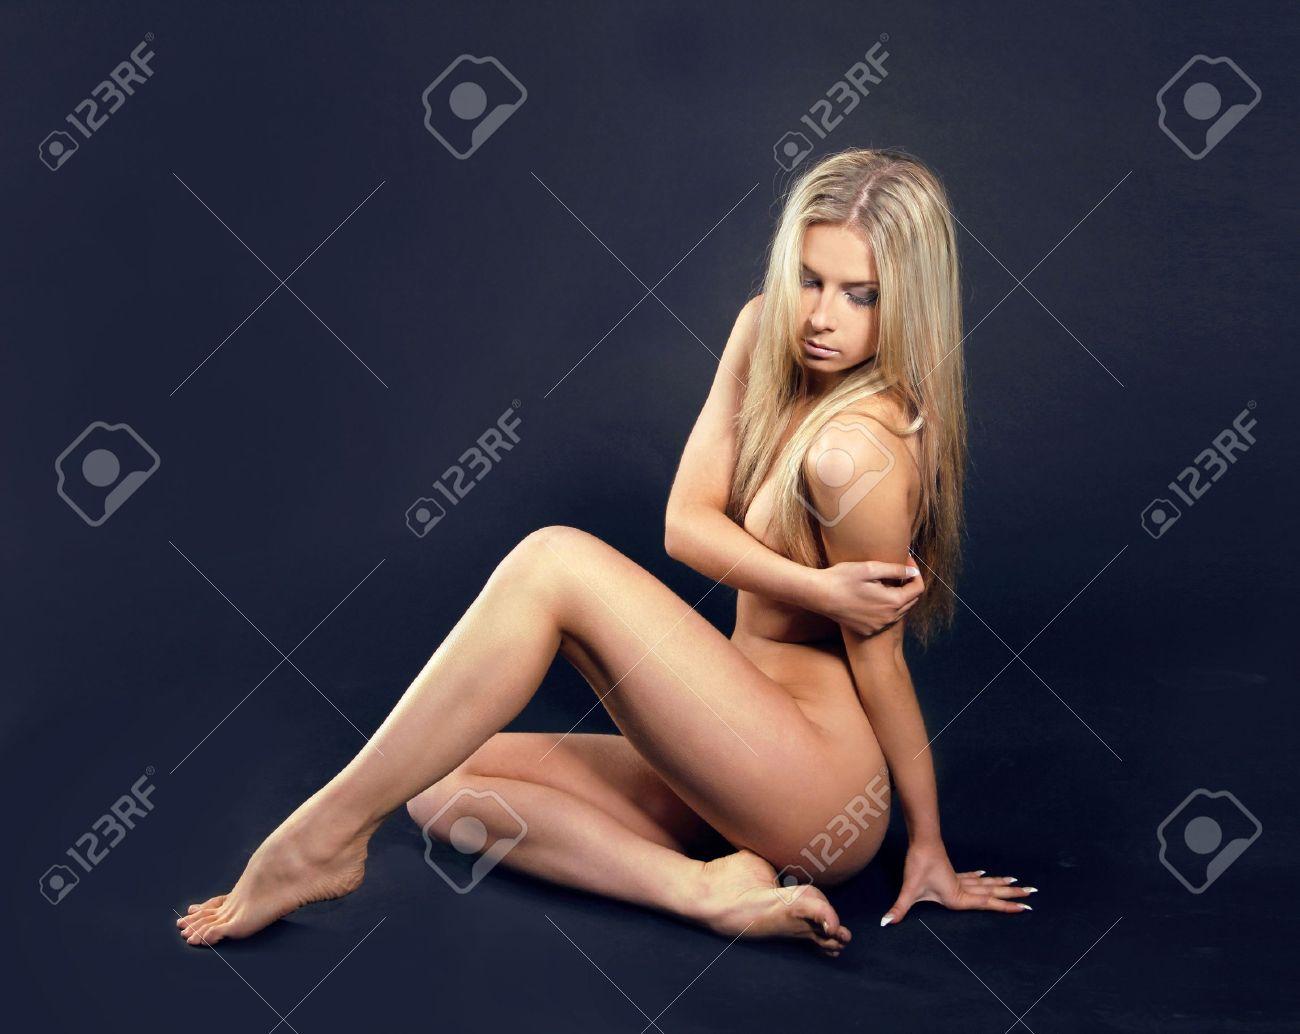 porno porn stars